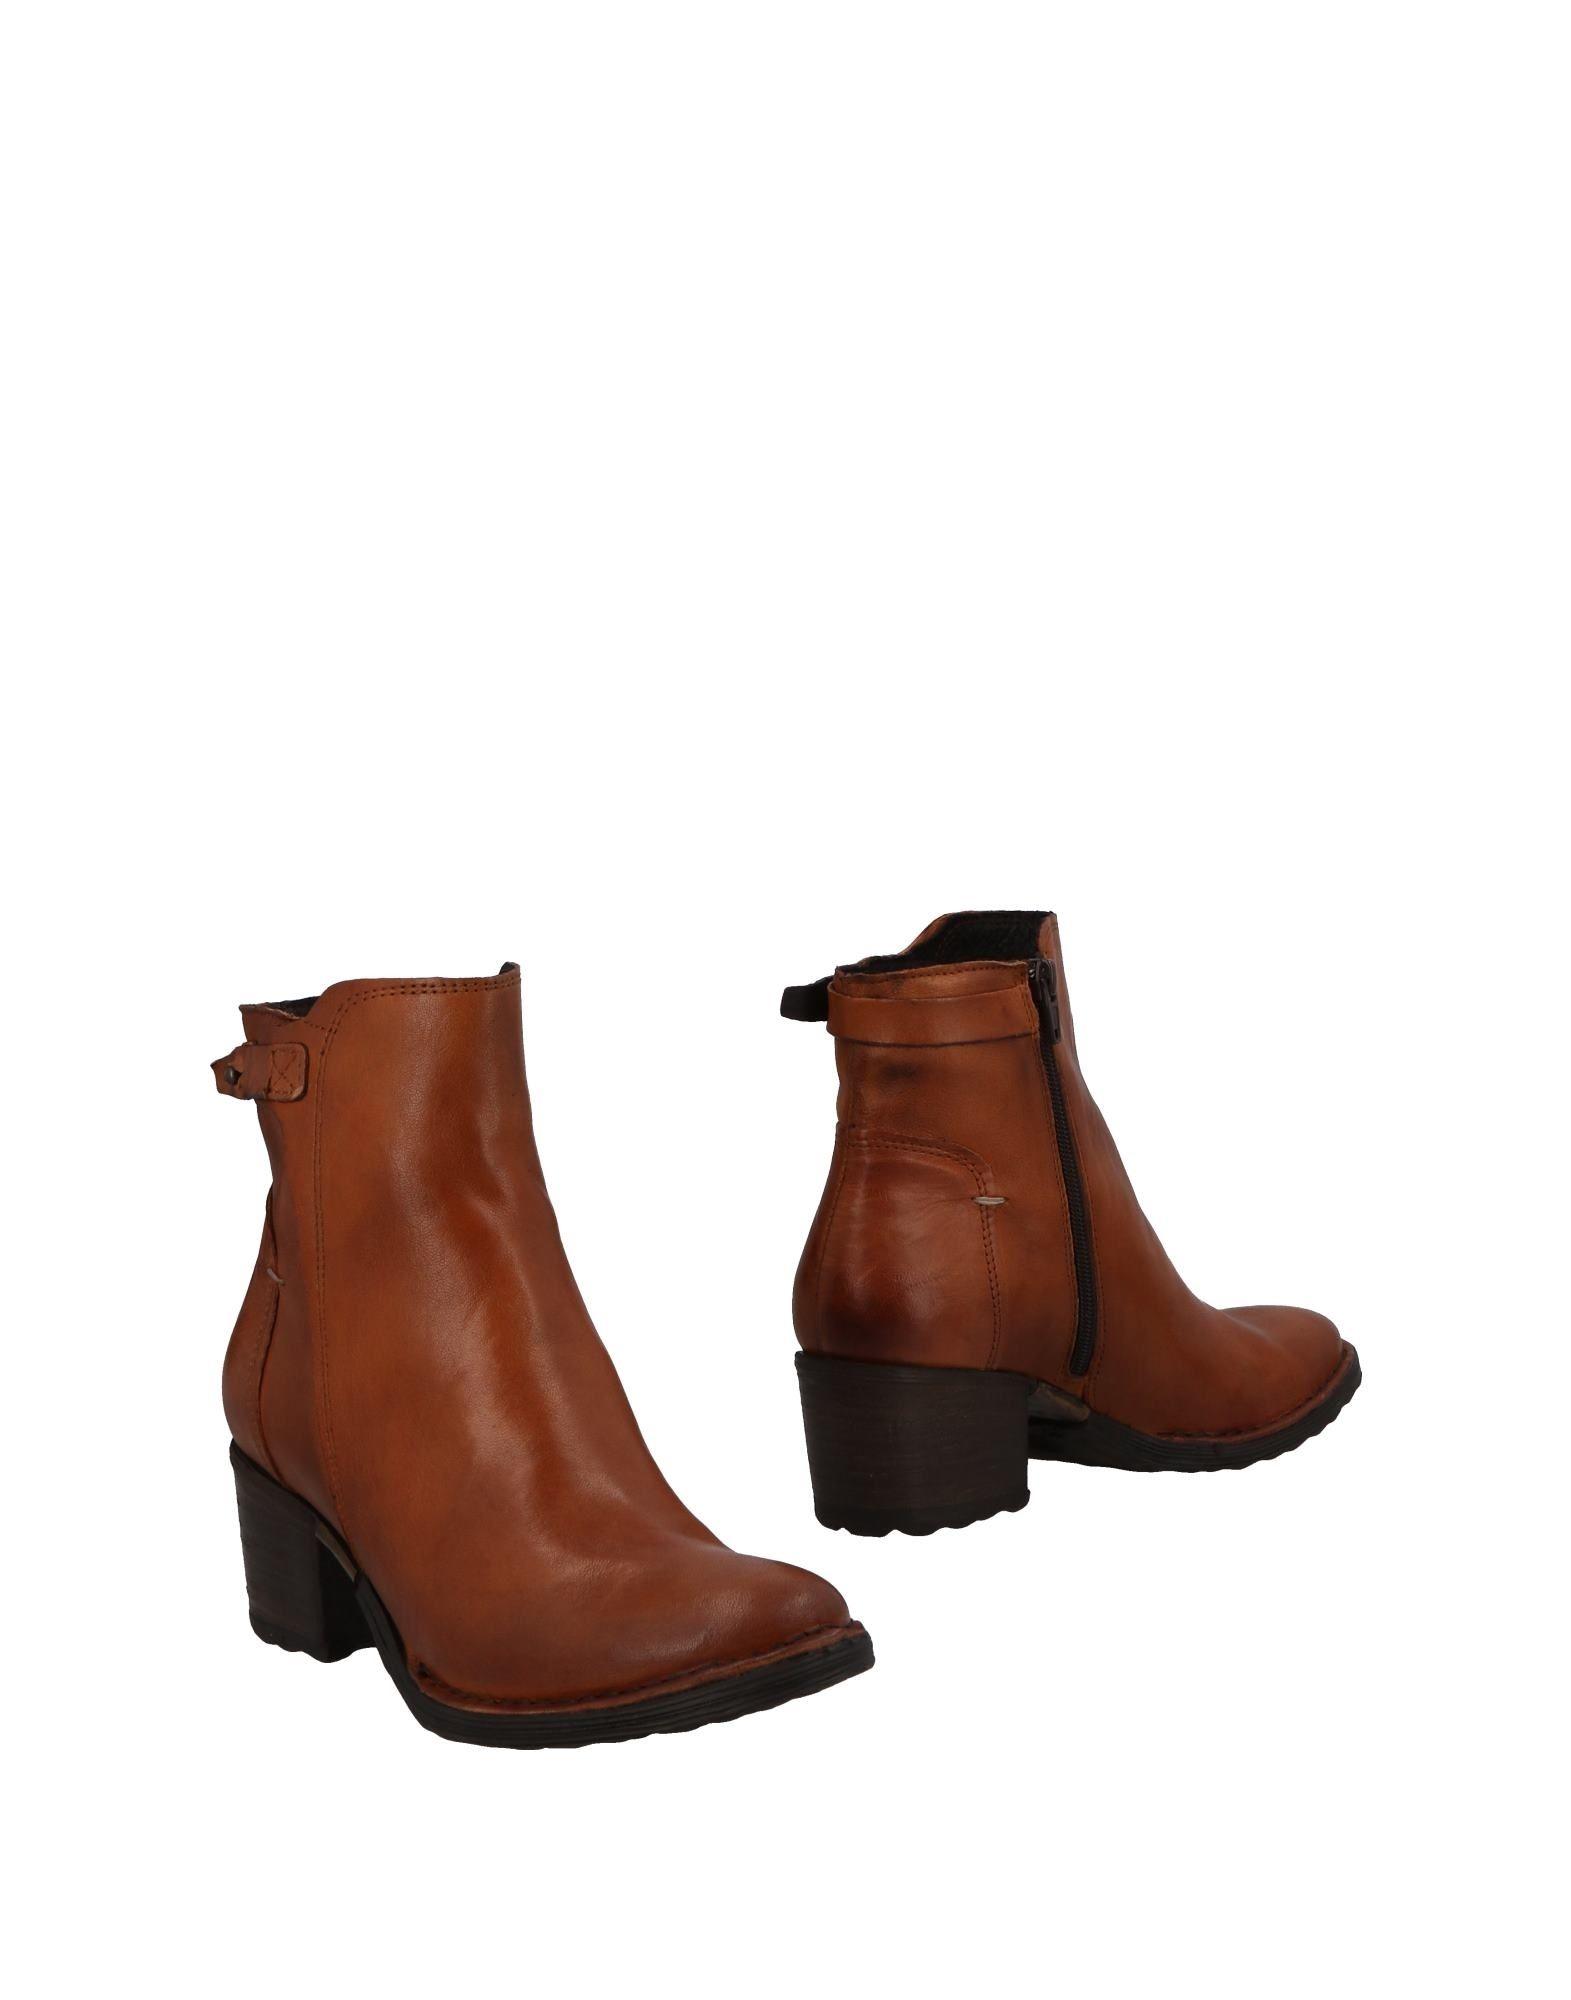 Khrio' Khrio' Khrio' Stiefelette Damen  11492410EB Gute Qualität beliebte Schuhe 50b686